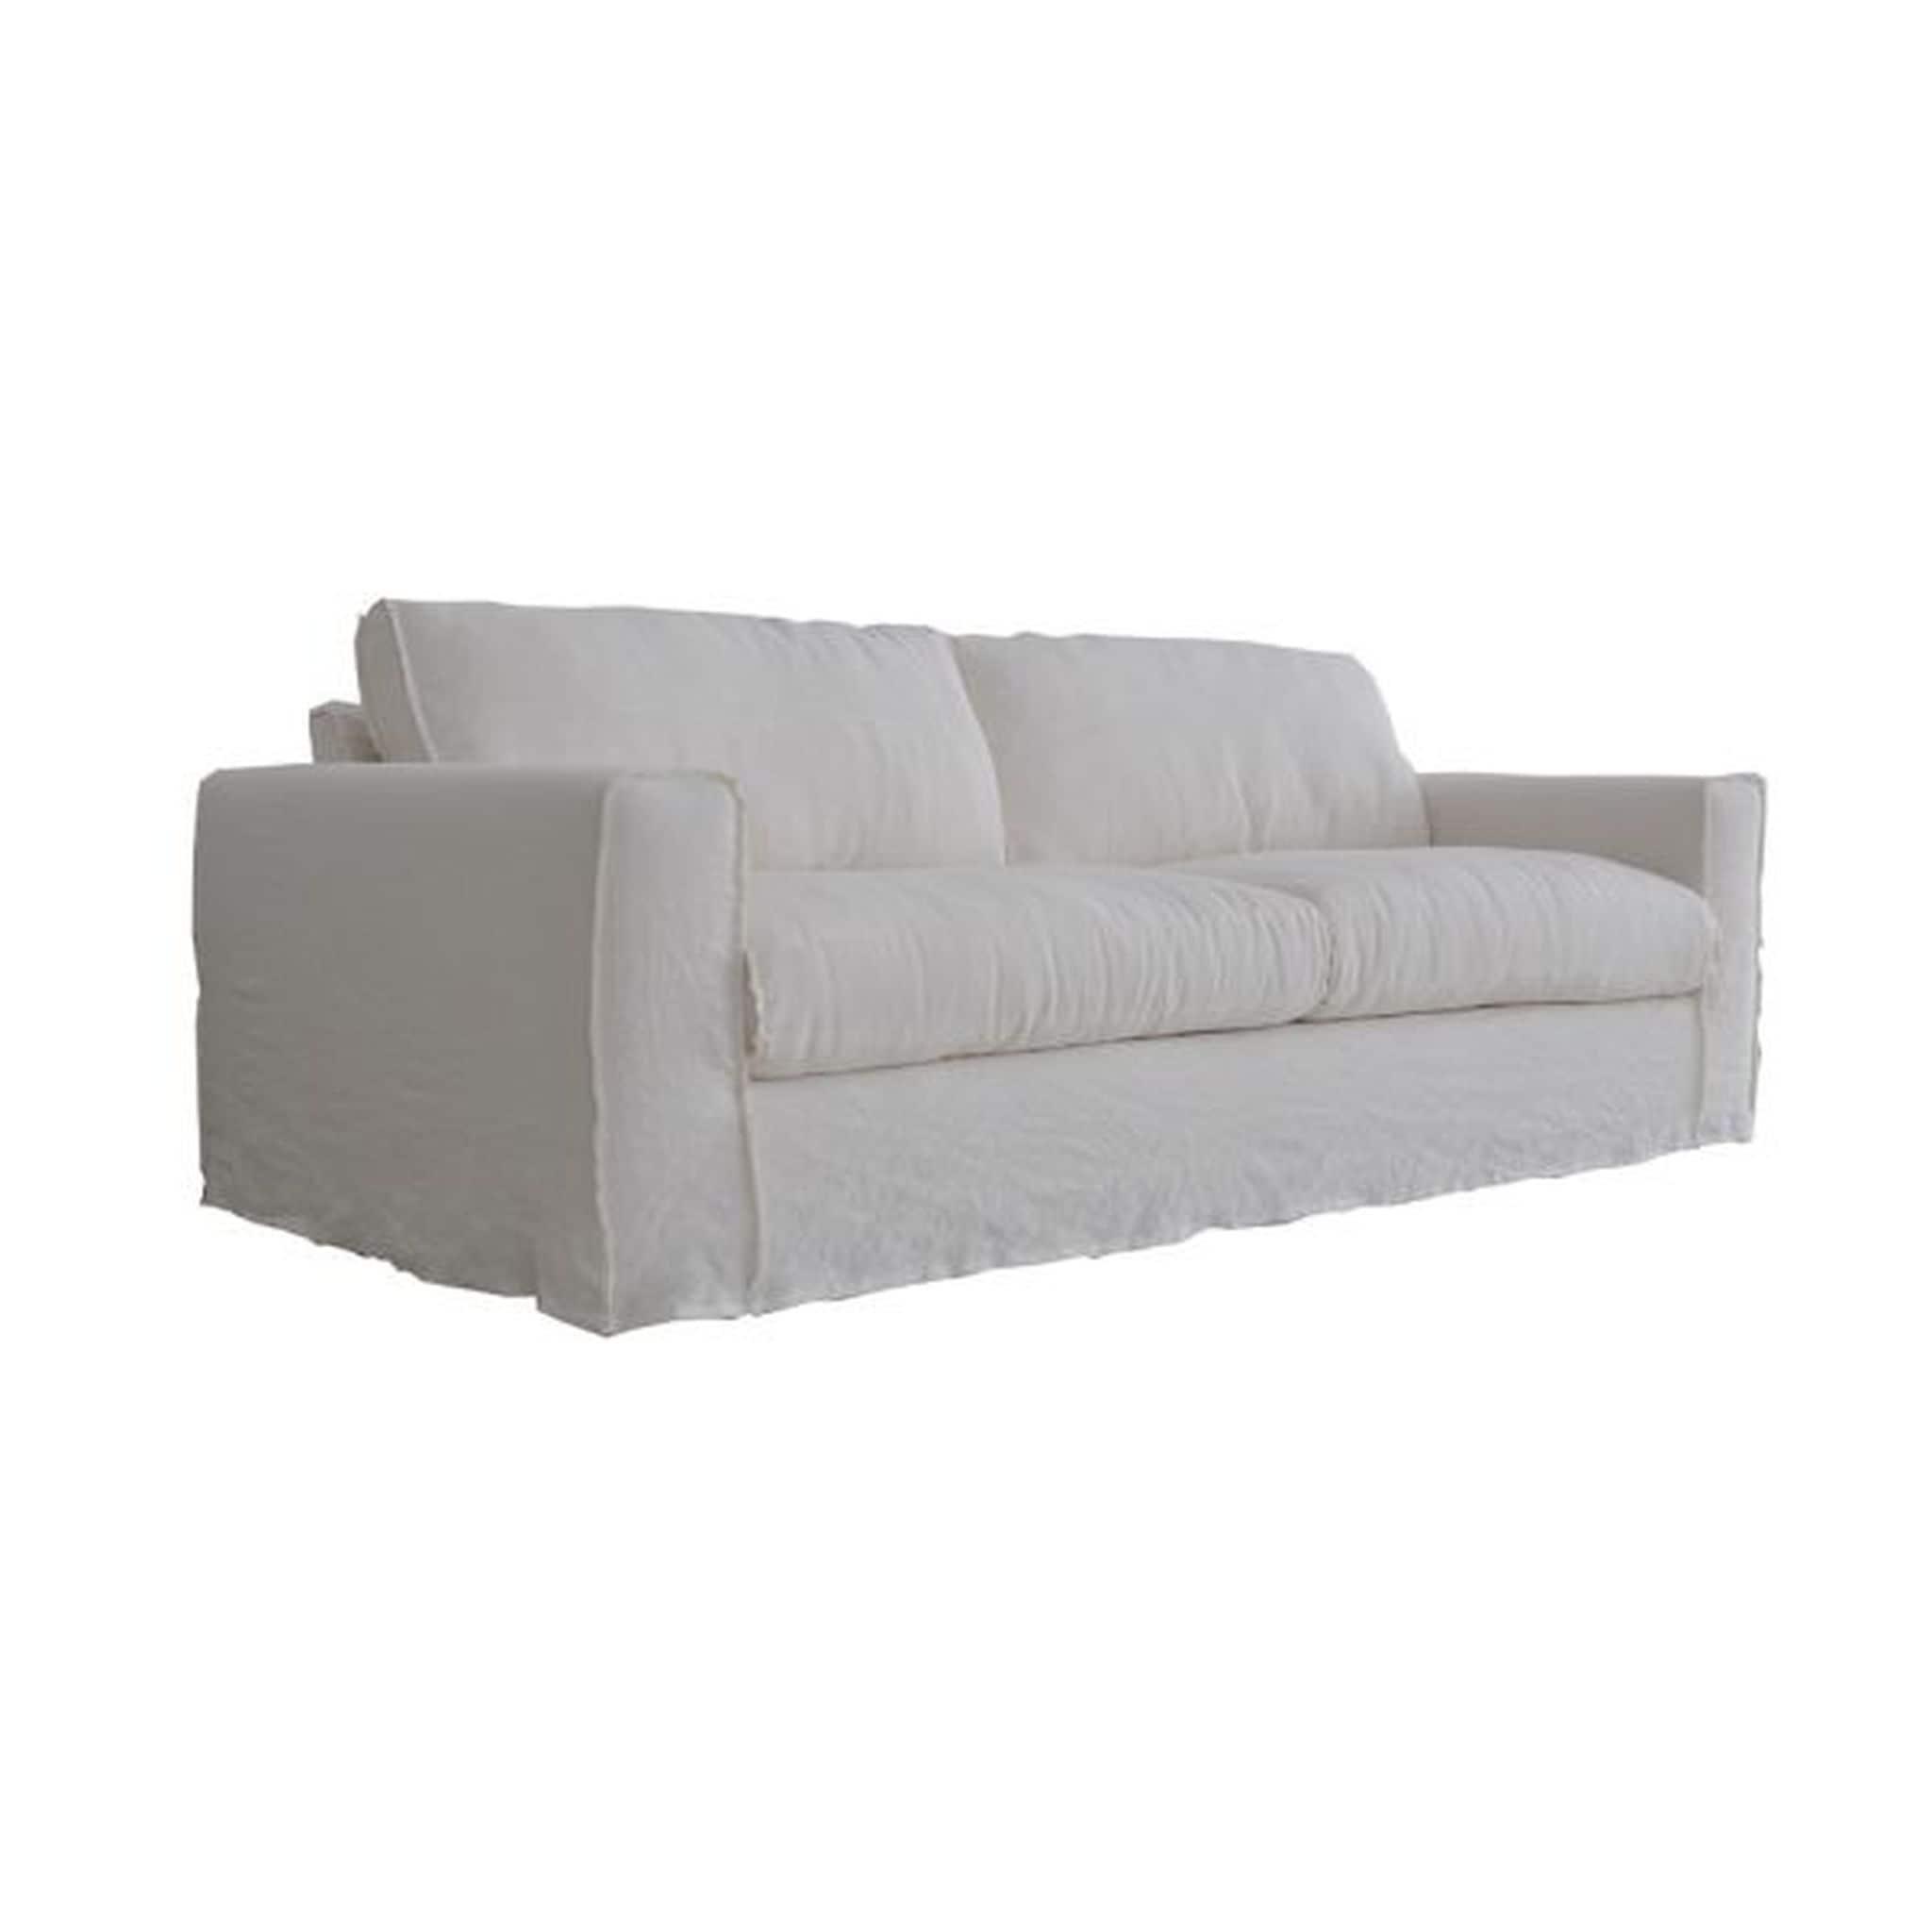 Linen Slipcover For Sofa